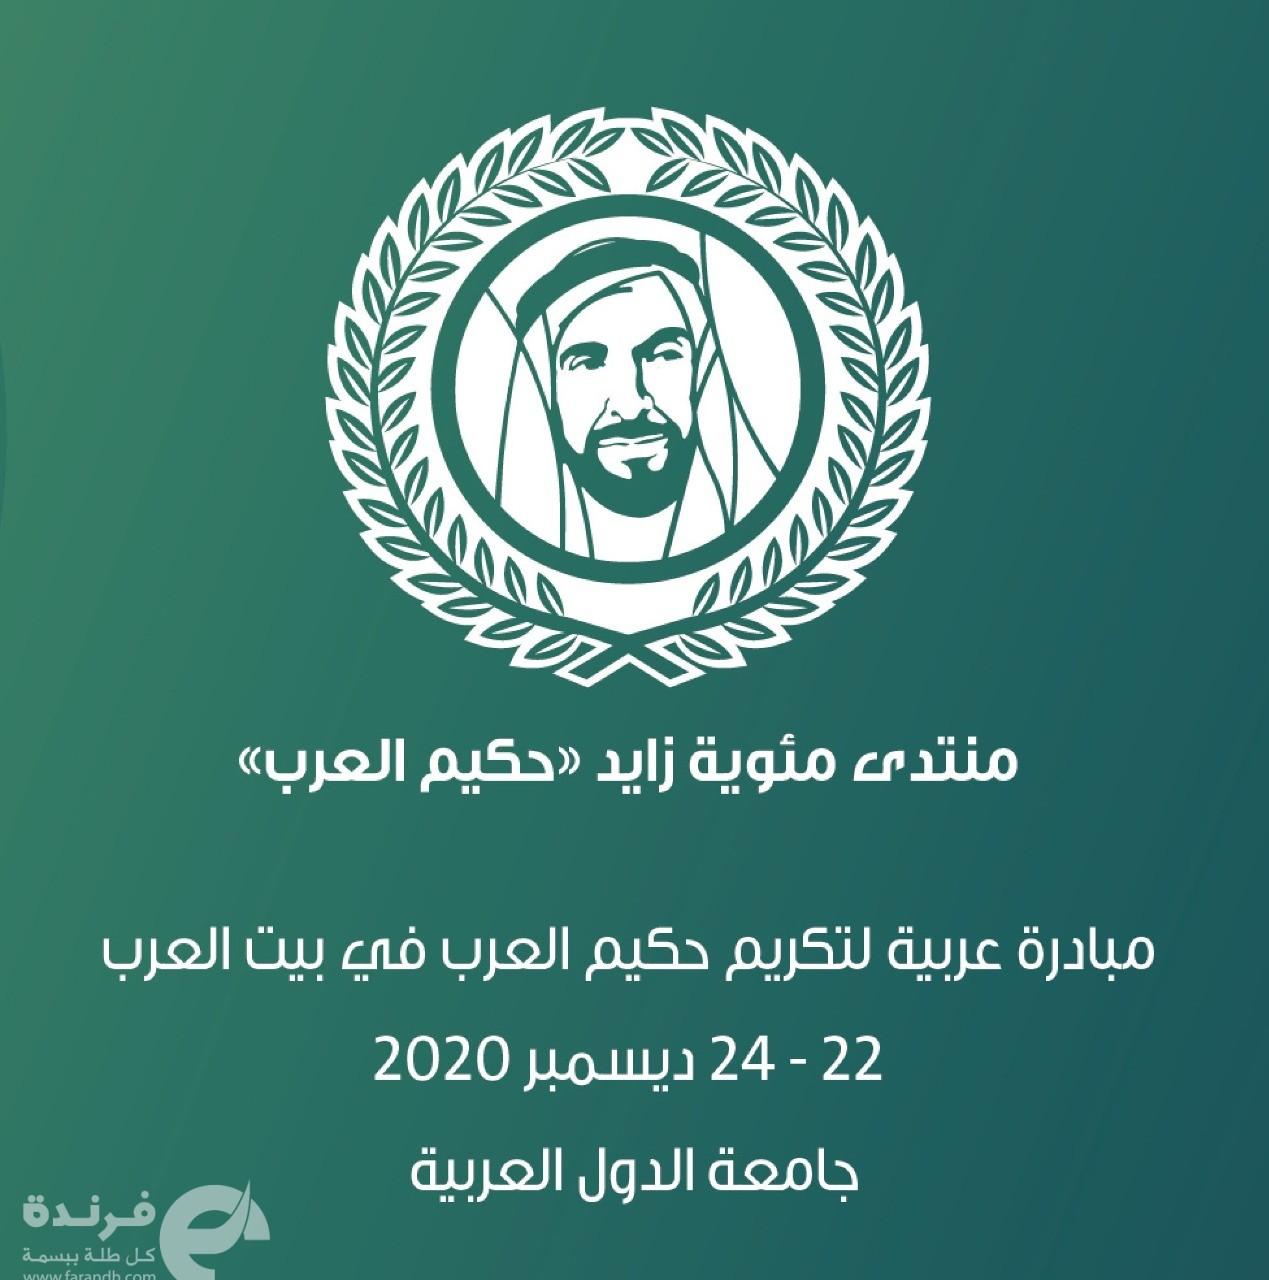 """مبادرة عربية لتكريم """"حكيم العرب"""" في بيت العرب"""